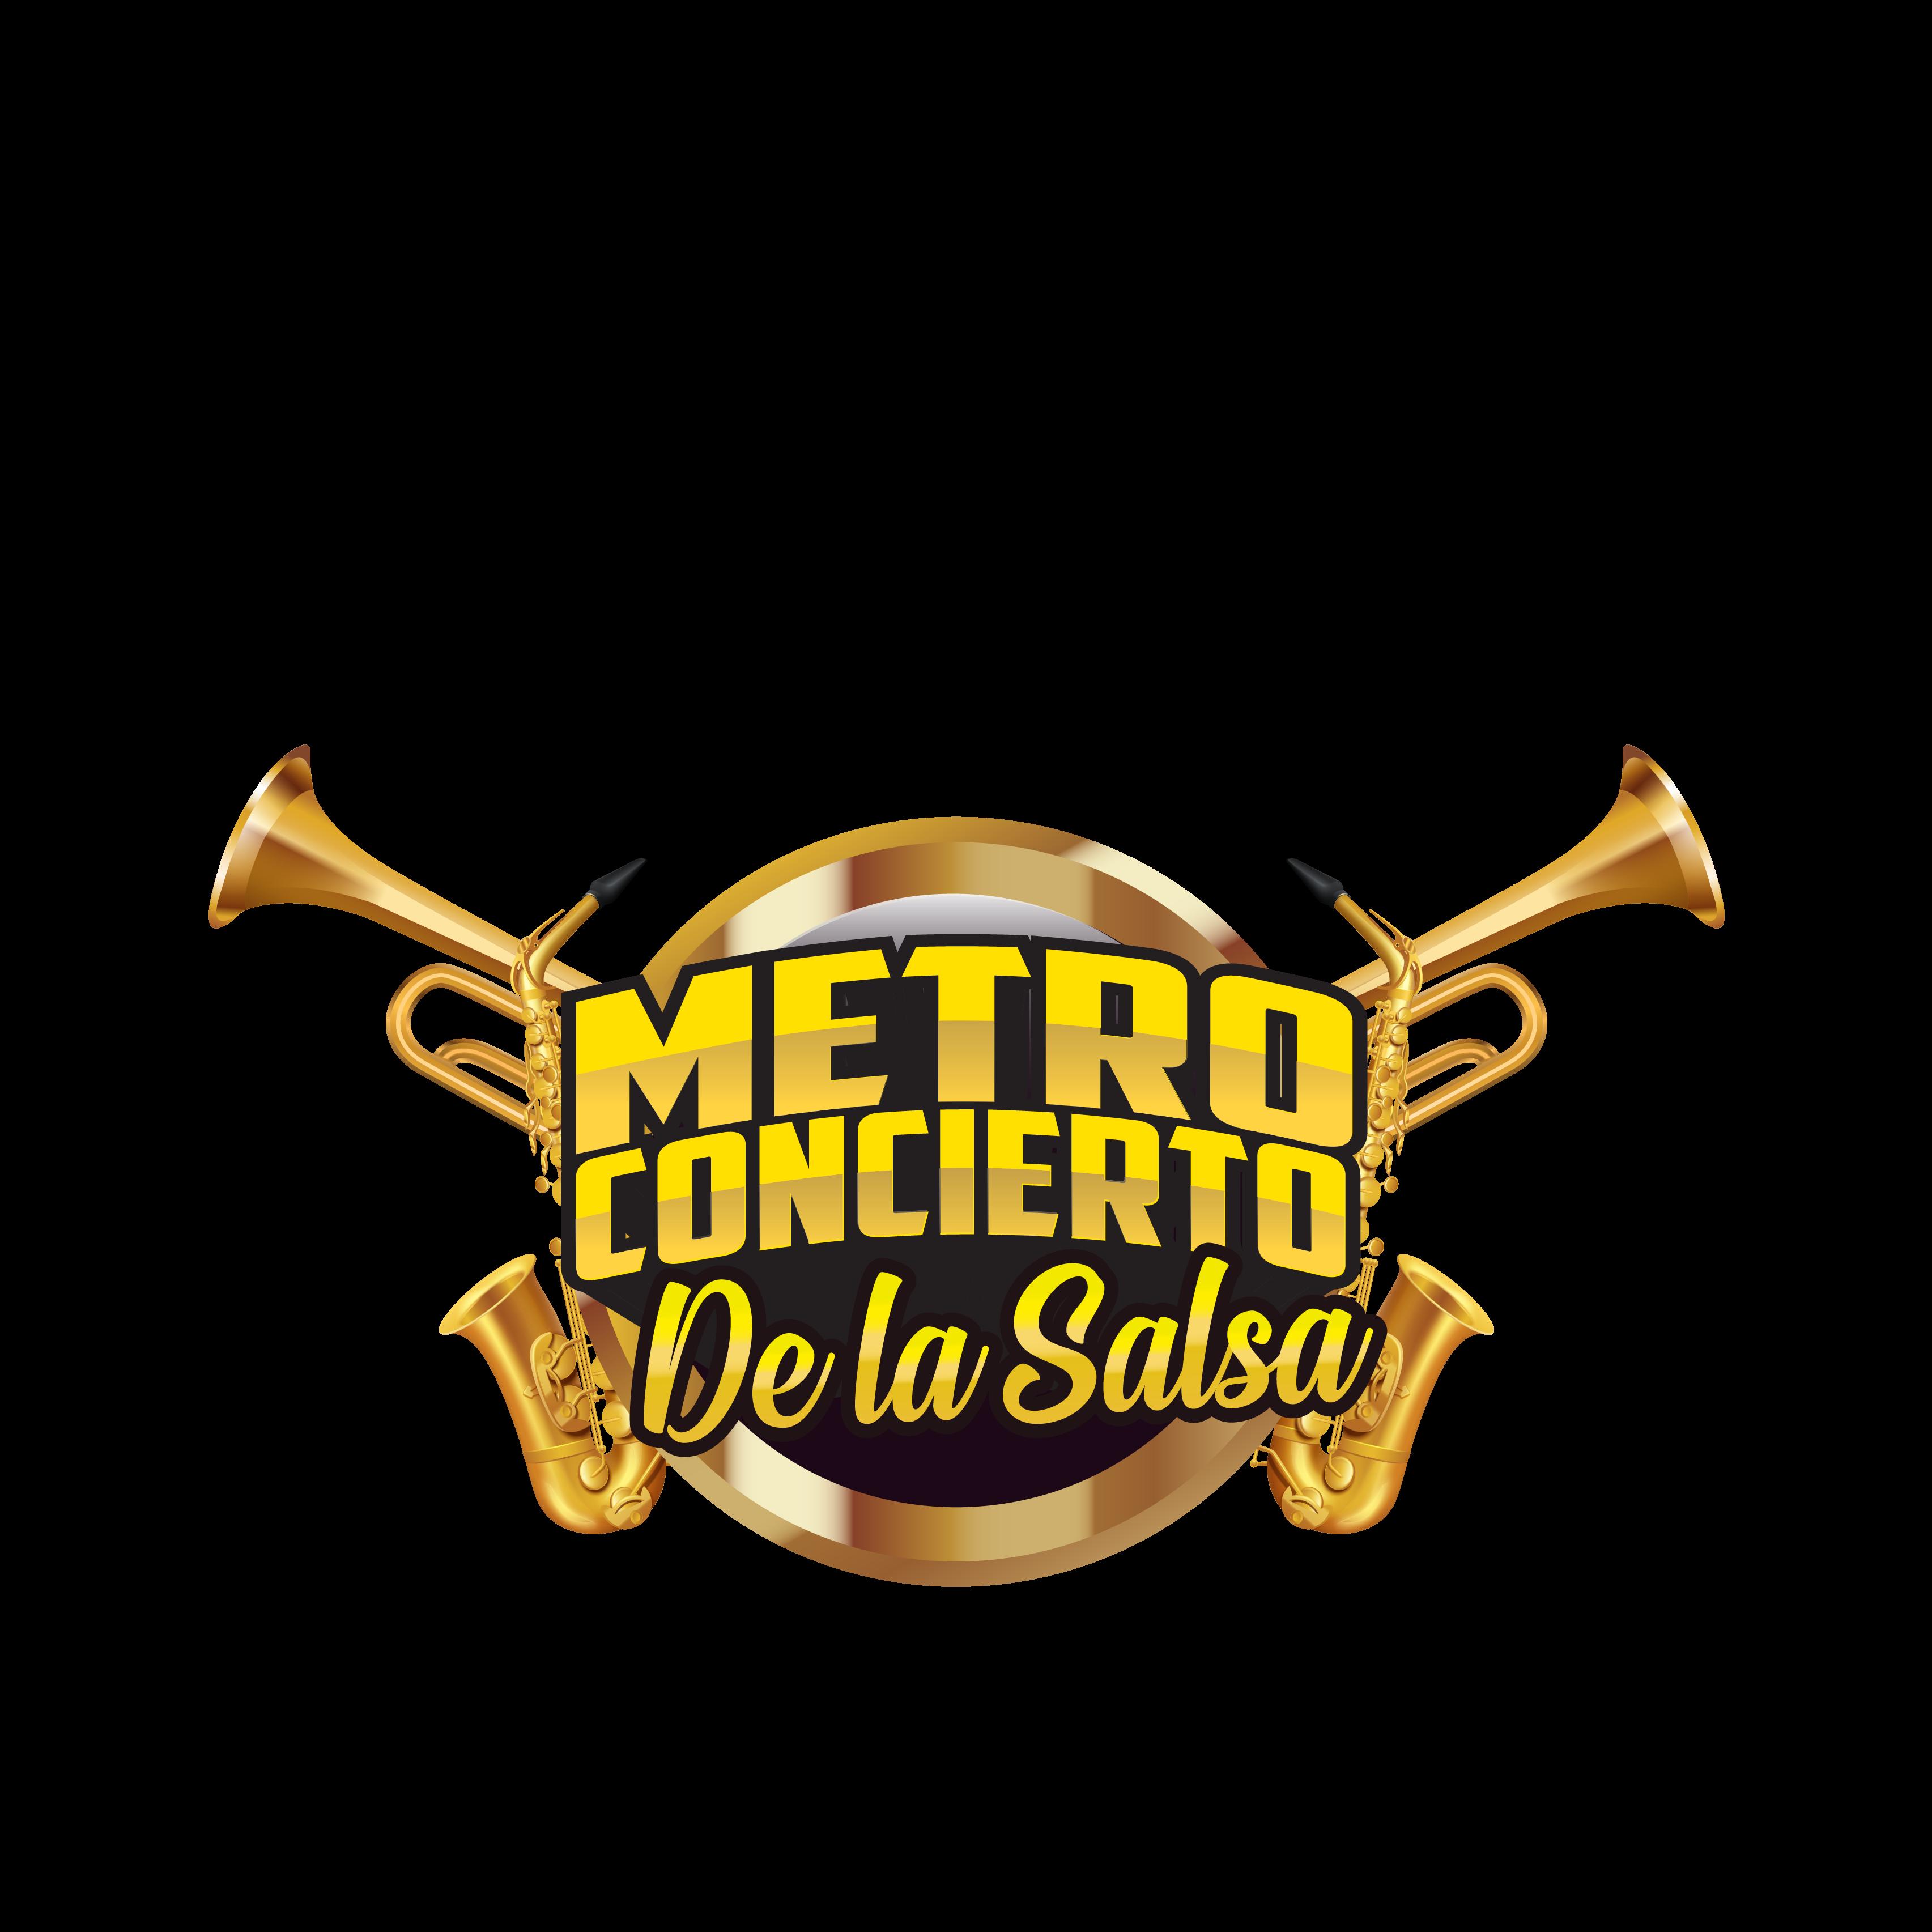 Metro Concierto Salsa